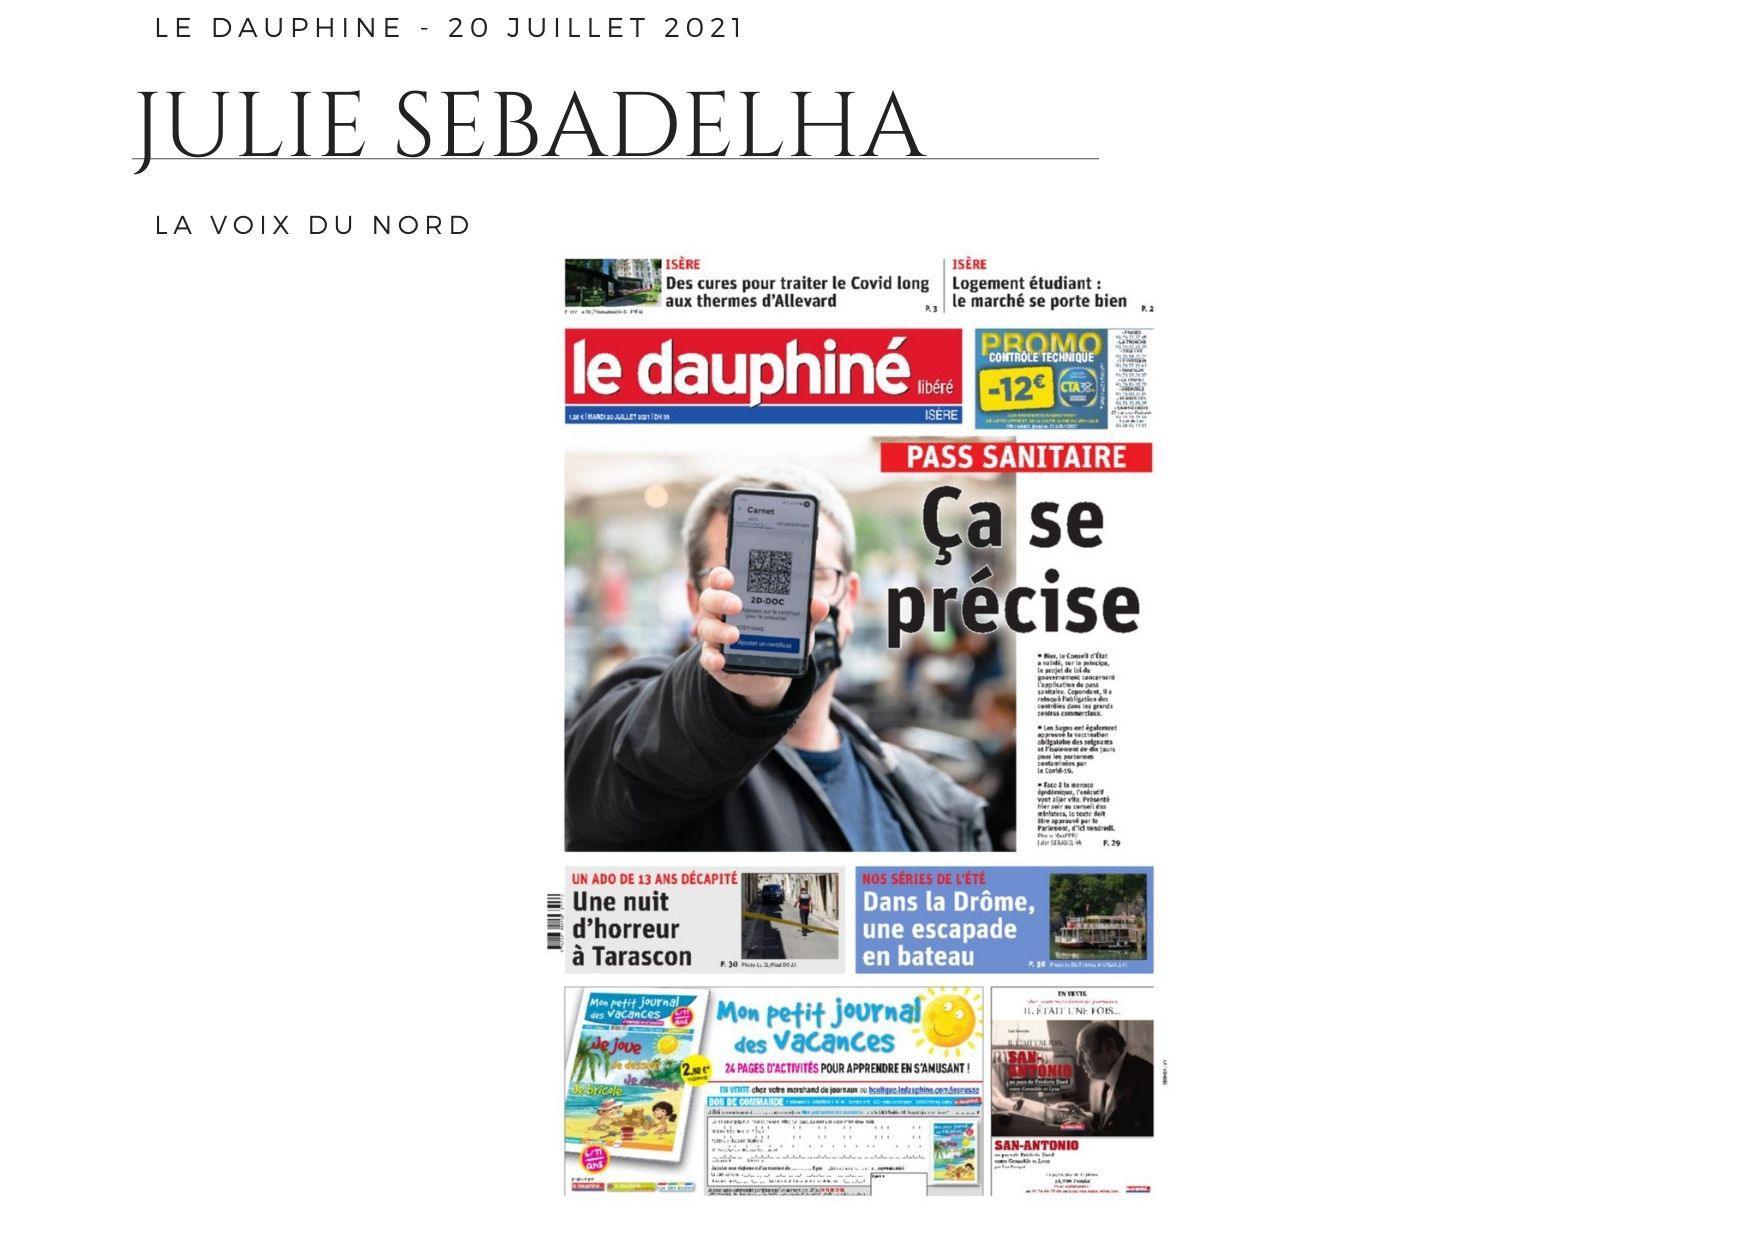 Le Dauphiné - 20 juillet 2021